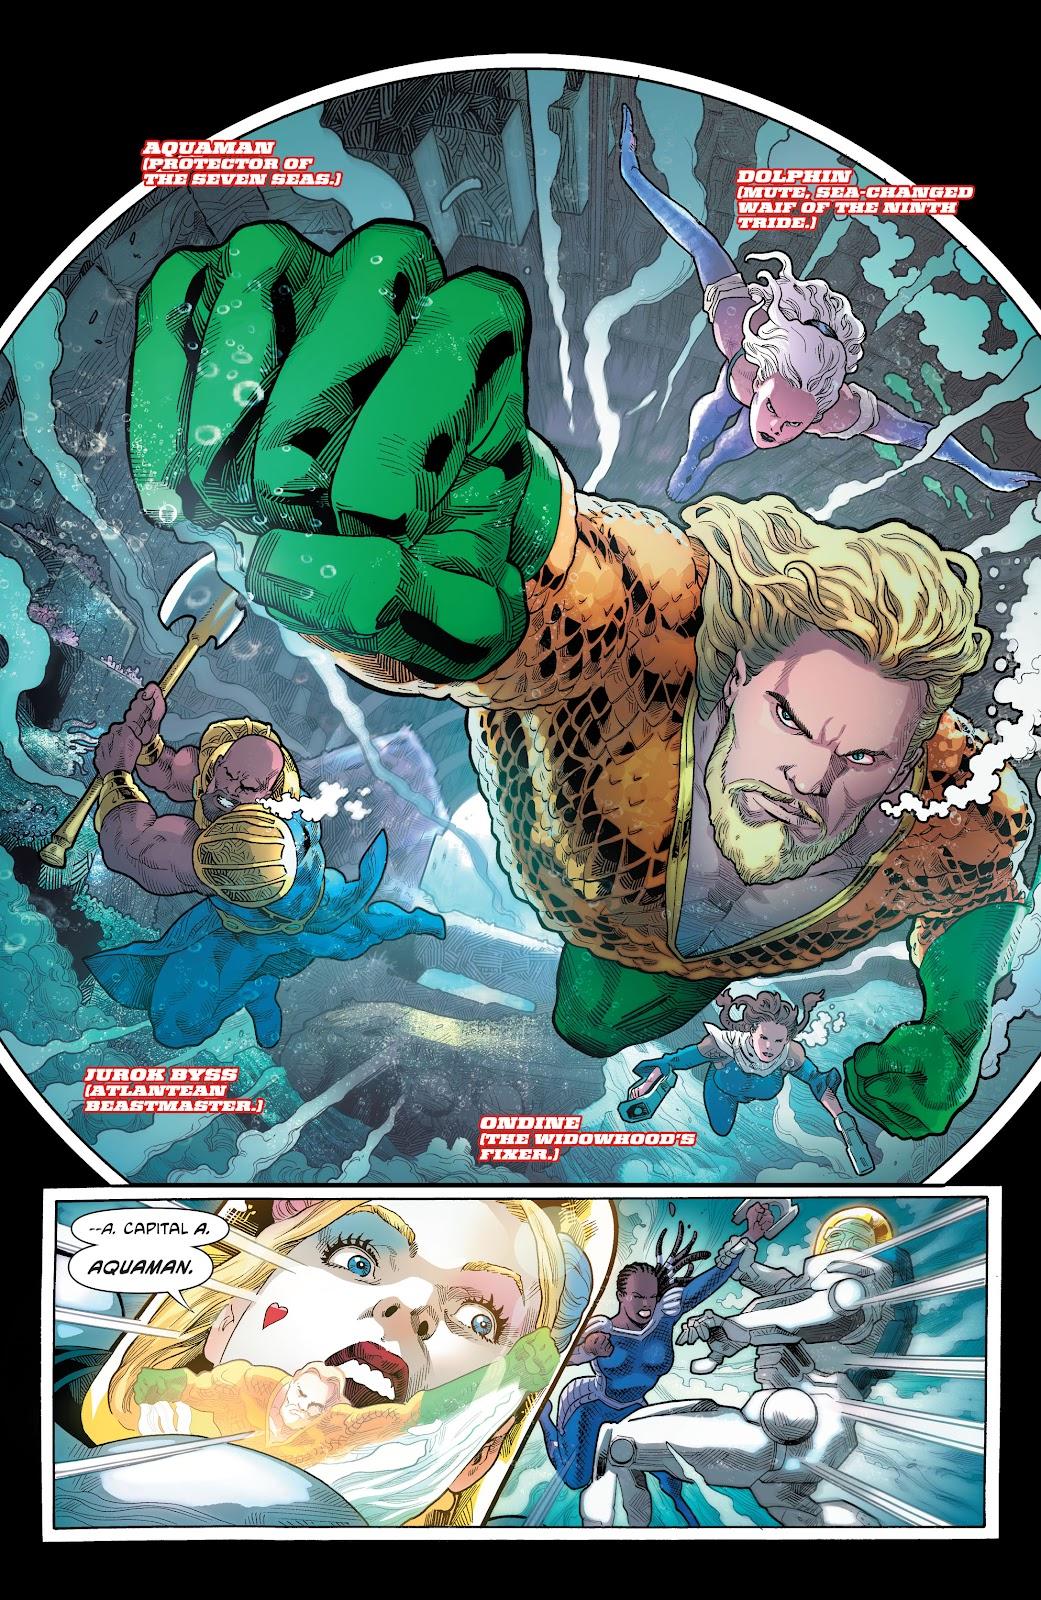 Suicide Squad Aquaman